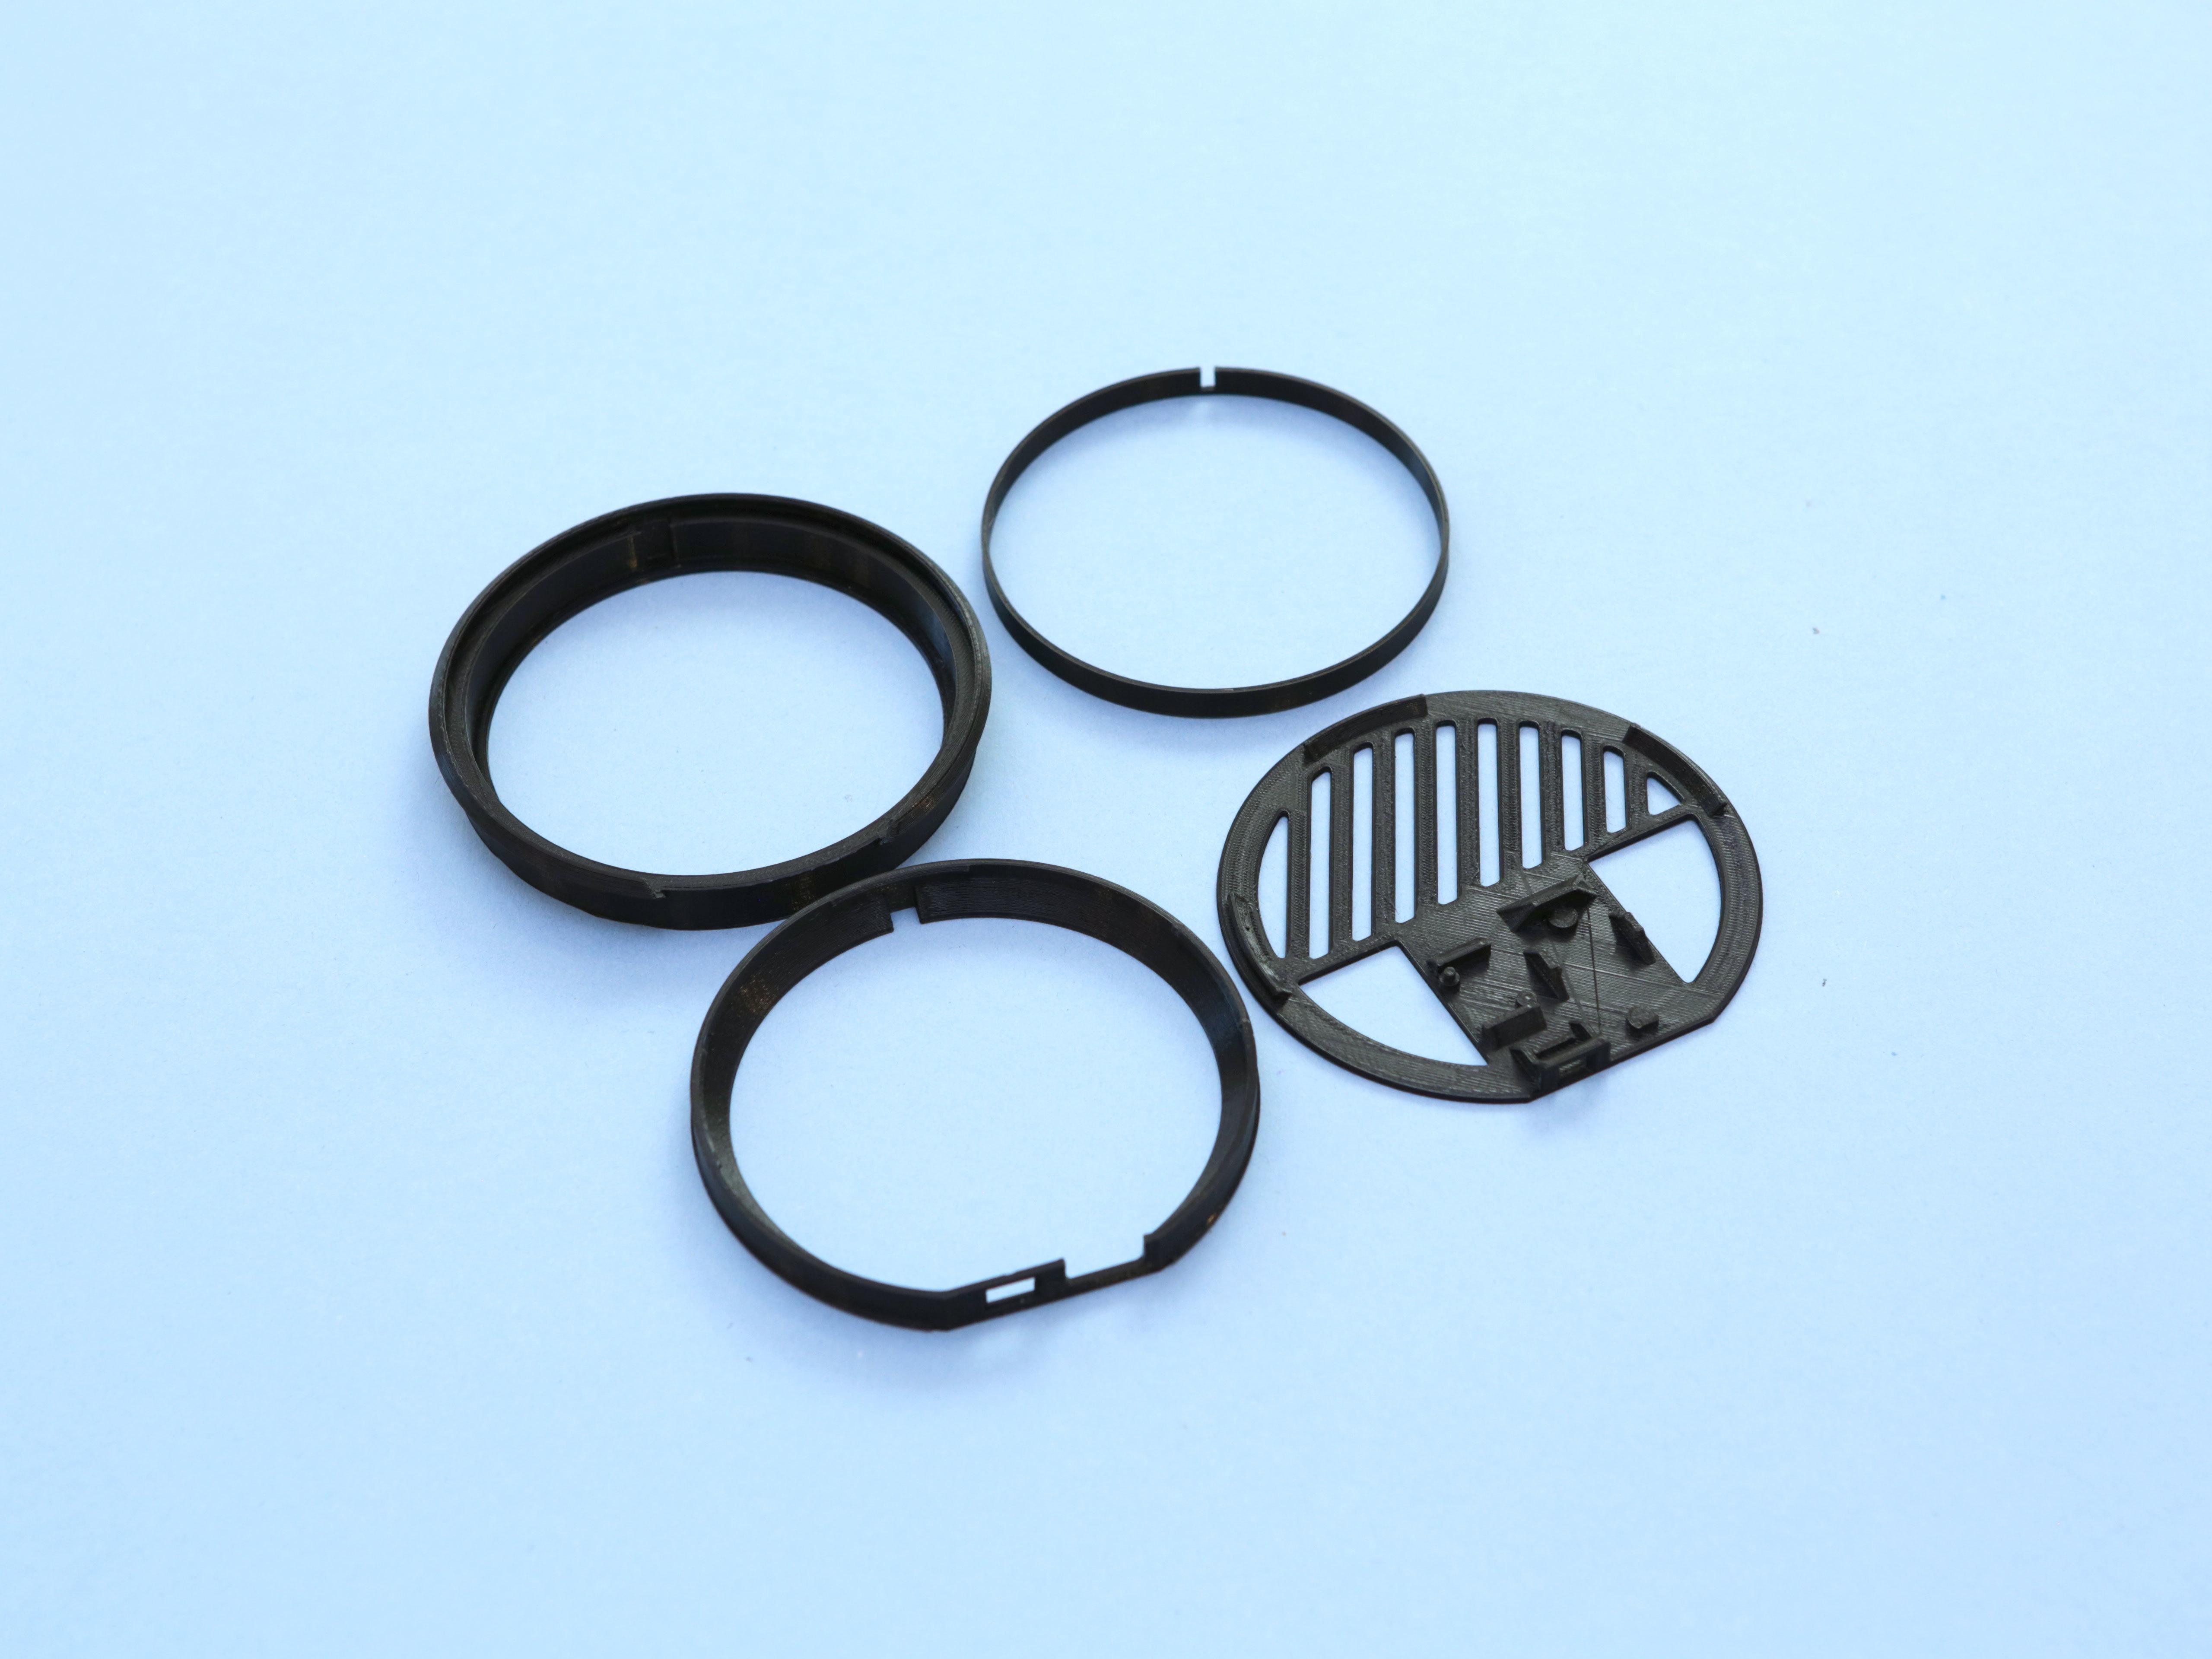 3d-parts.jpg Télécharger fichier STL gratuit Miroir Infini • Objet à imprimer en 3D, Adafruit